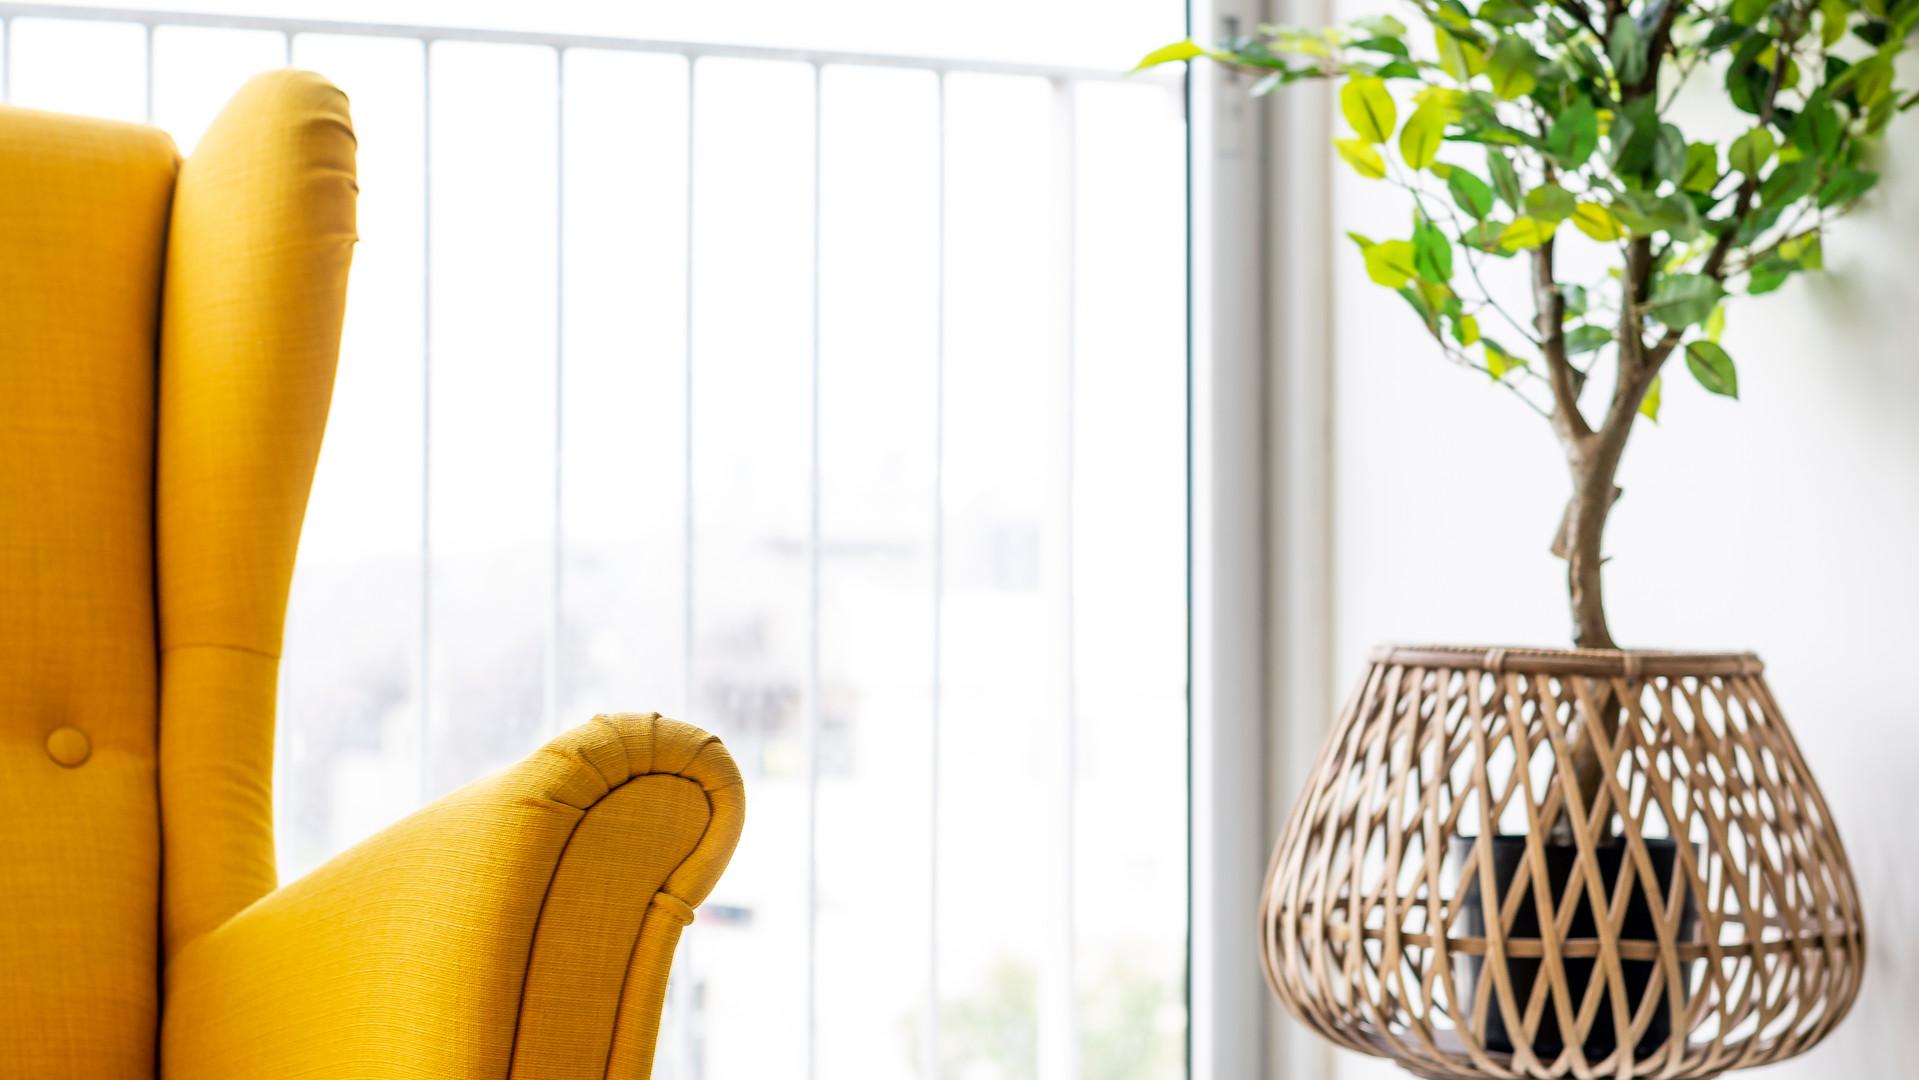 כורסא צהובה בסלון